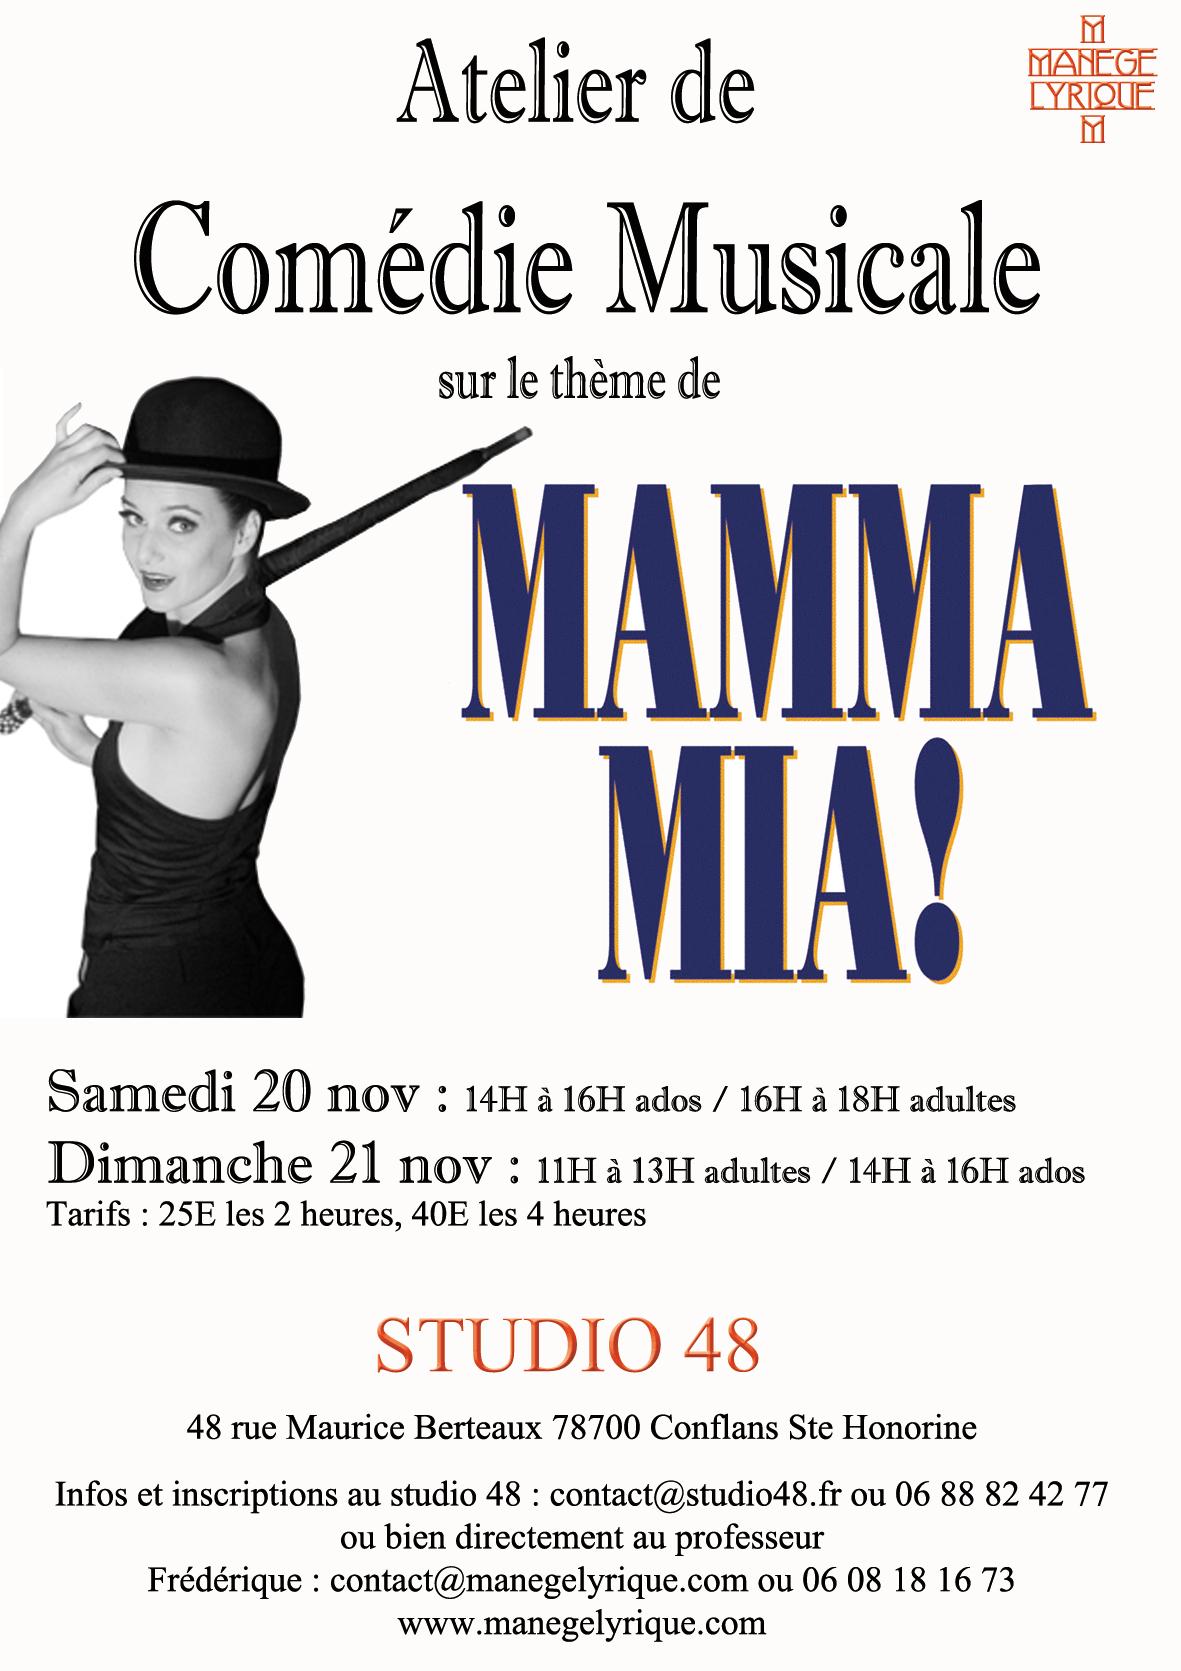 atelier de com u00e9die musicale   les 20 et 21 novembre 2010